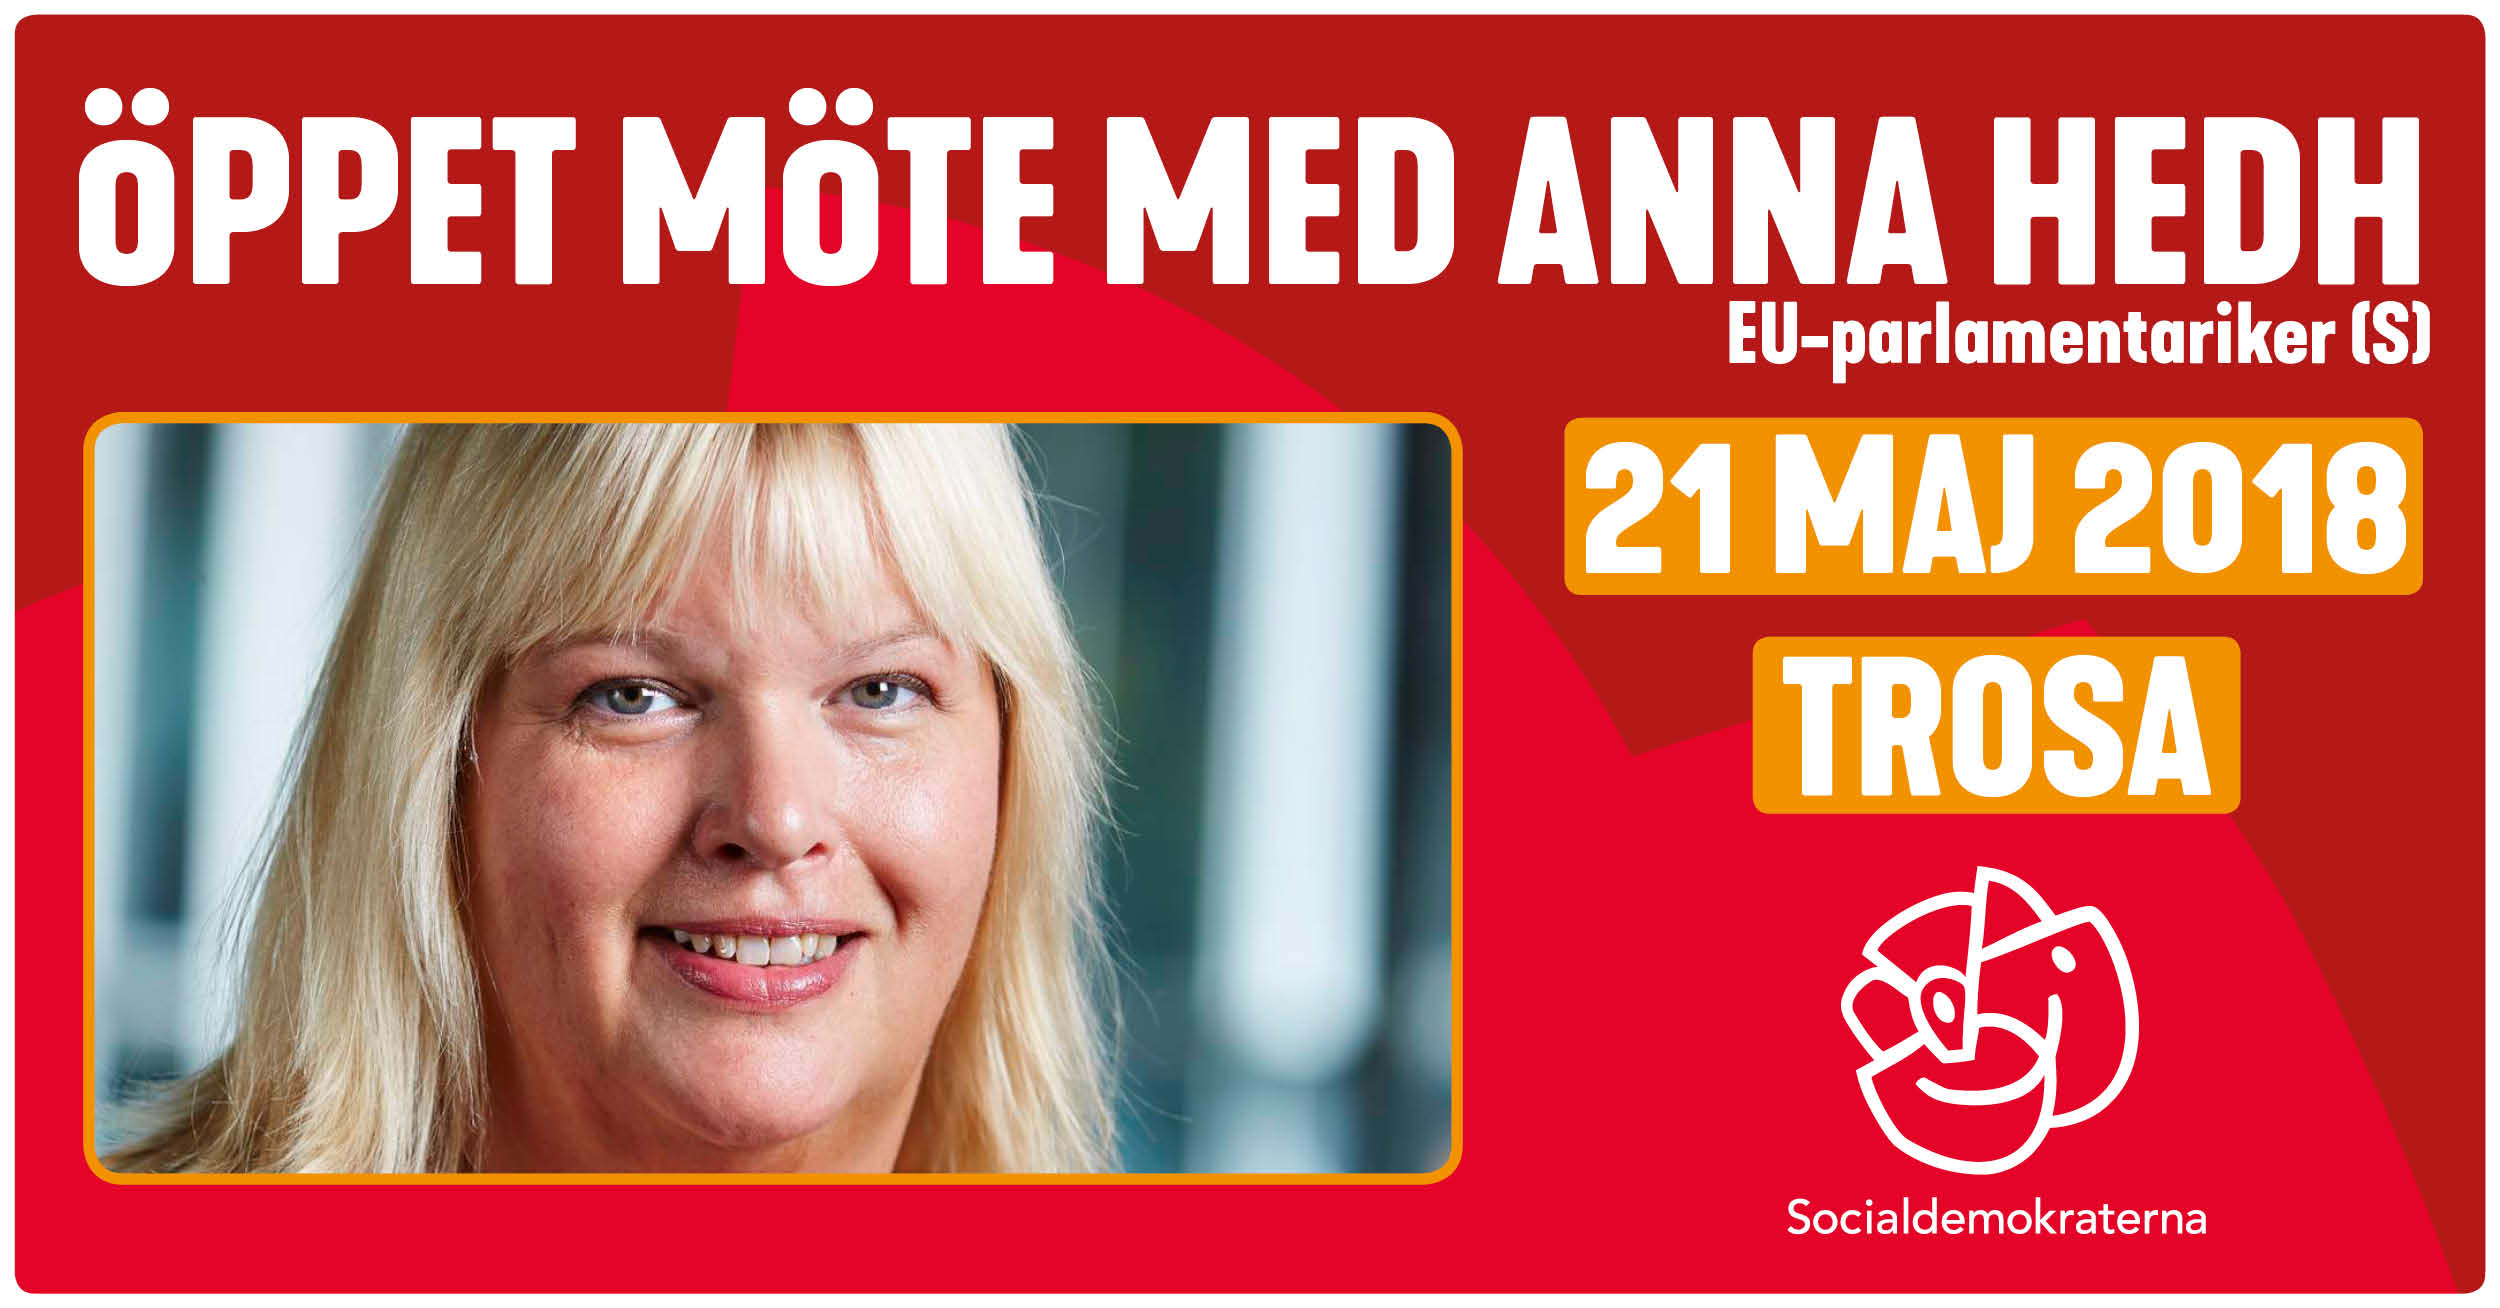 Anna Hedh Trosa